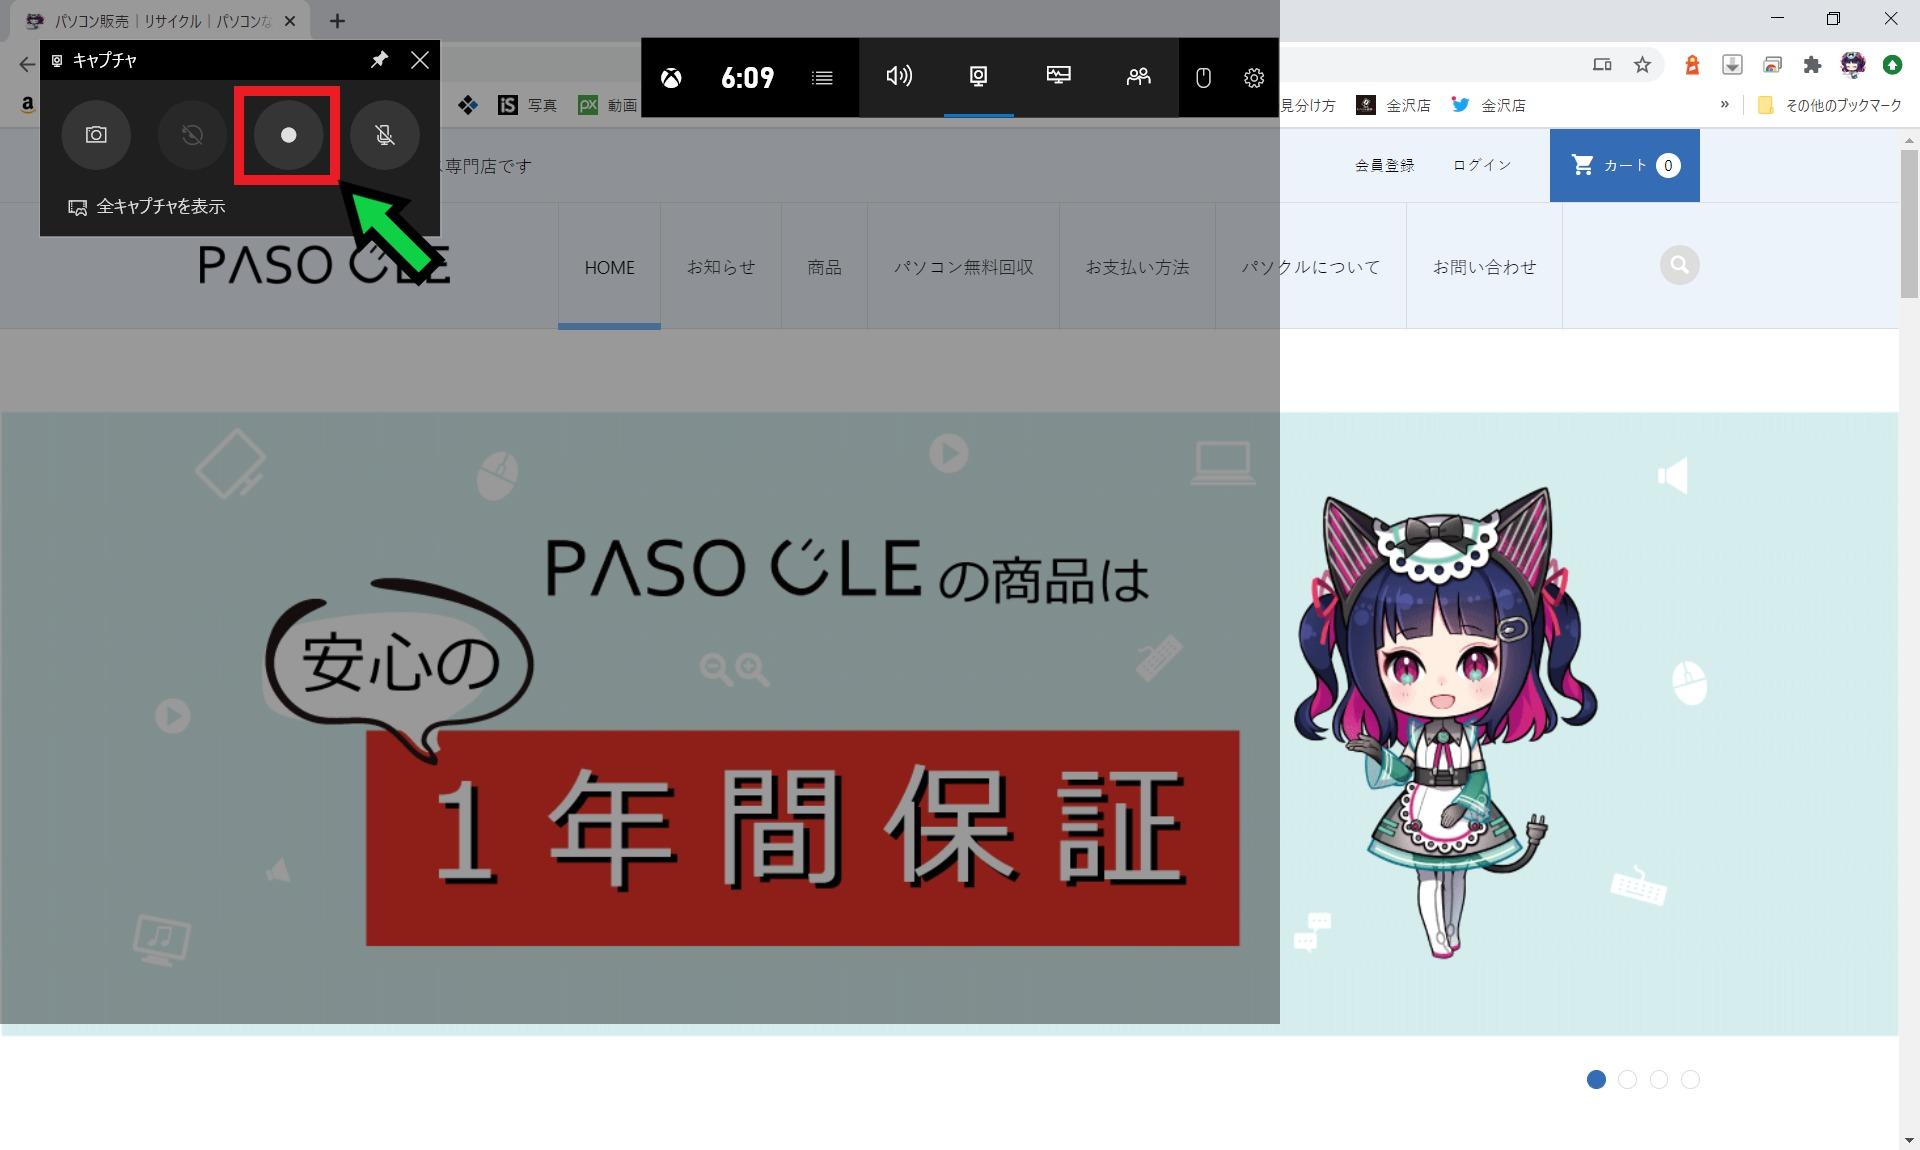 Windows10の標準機能で画面録画する方法【ゲーム等】